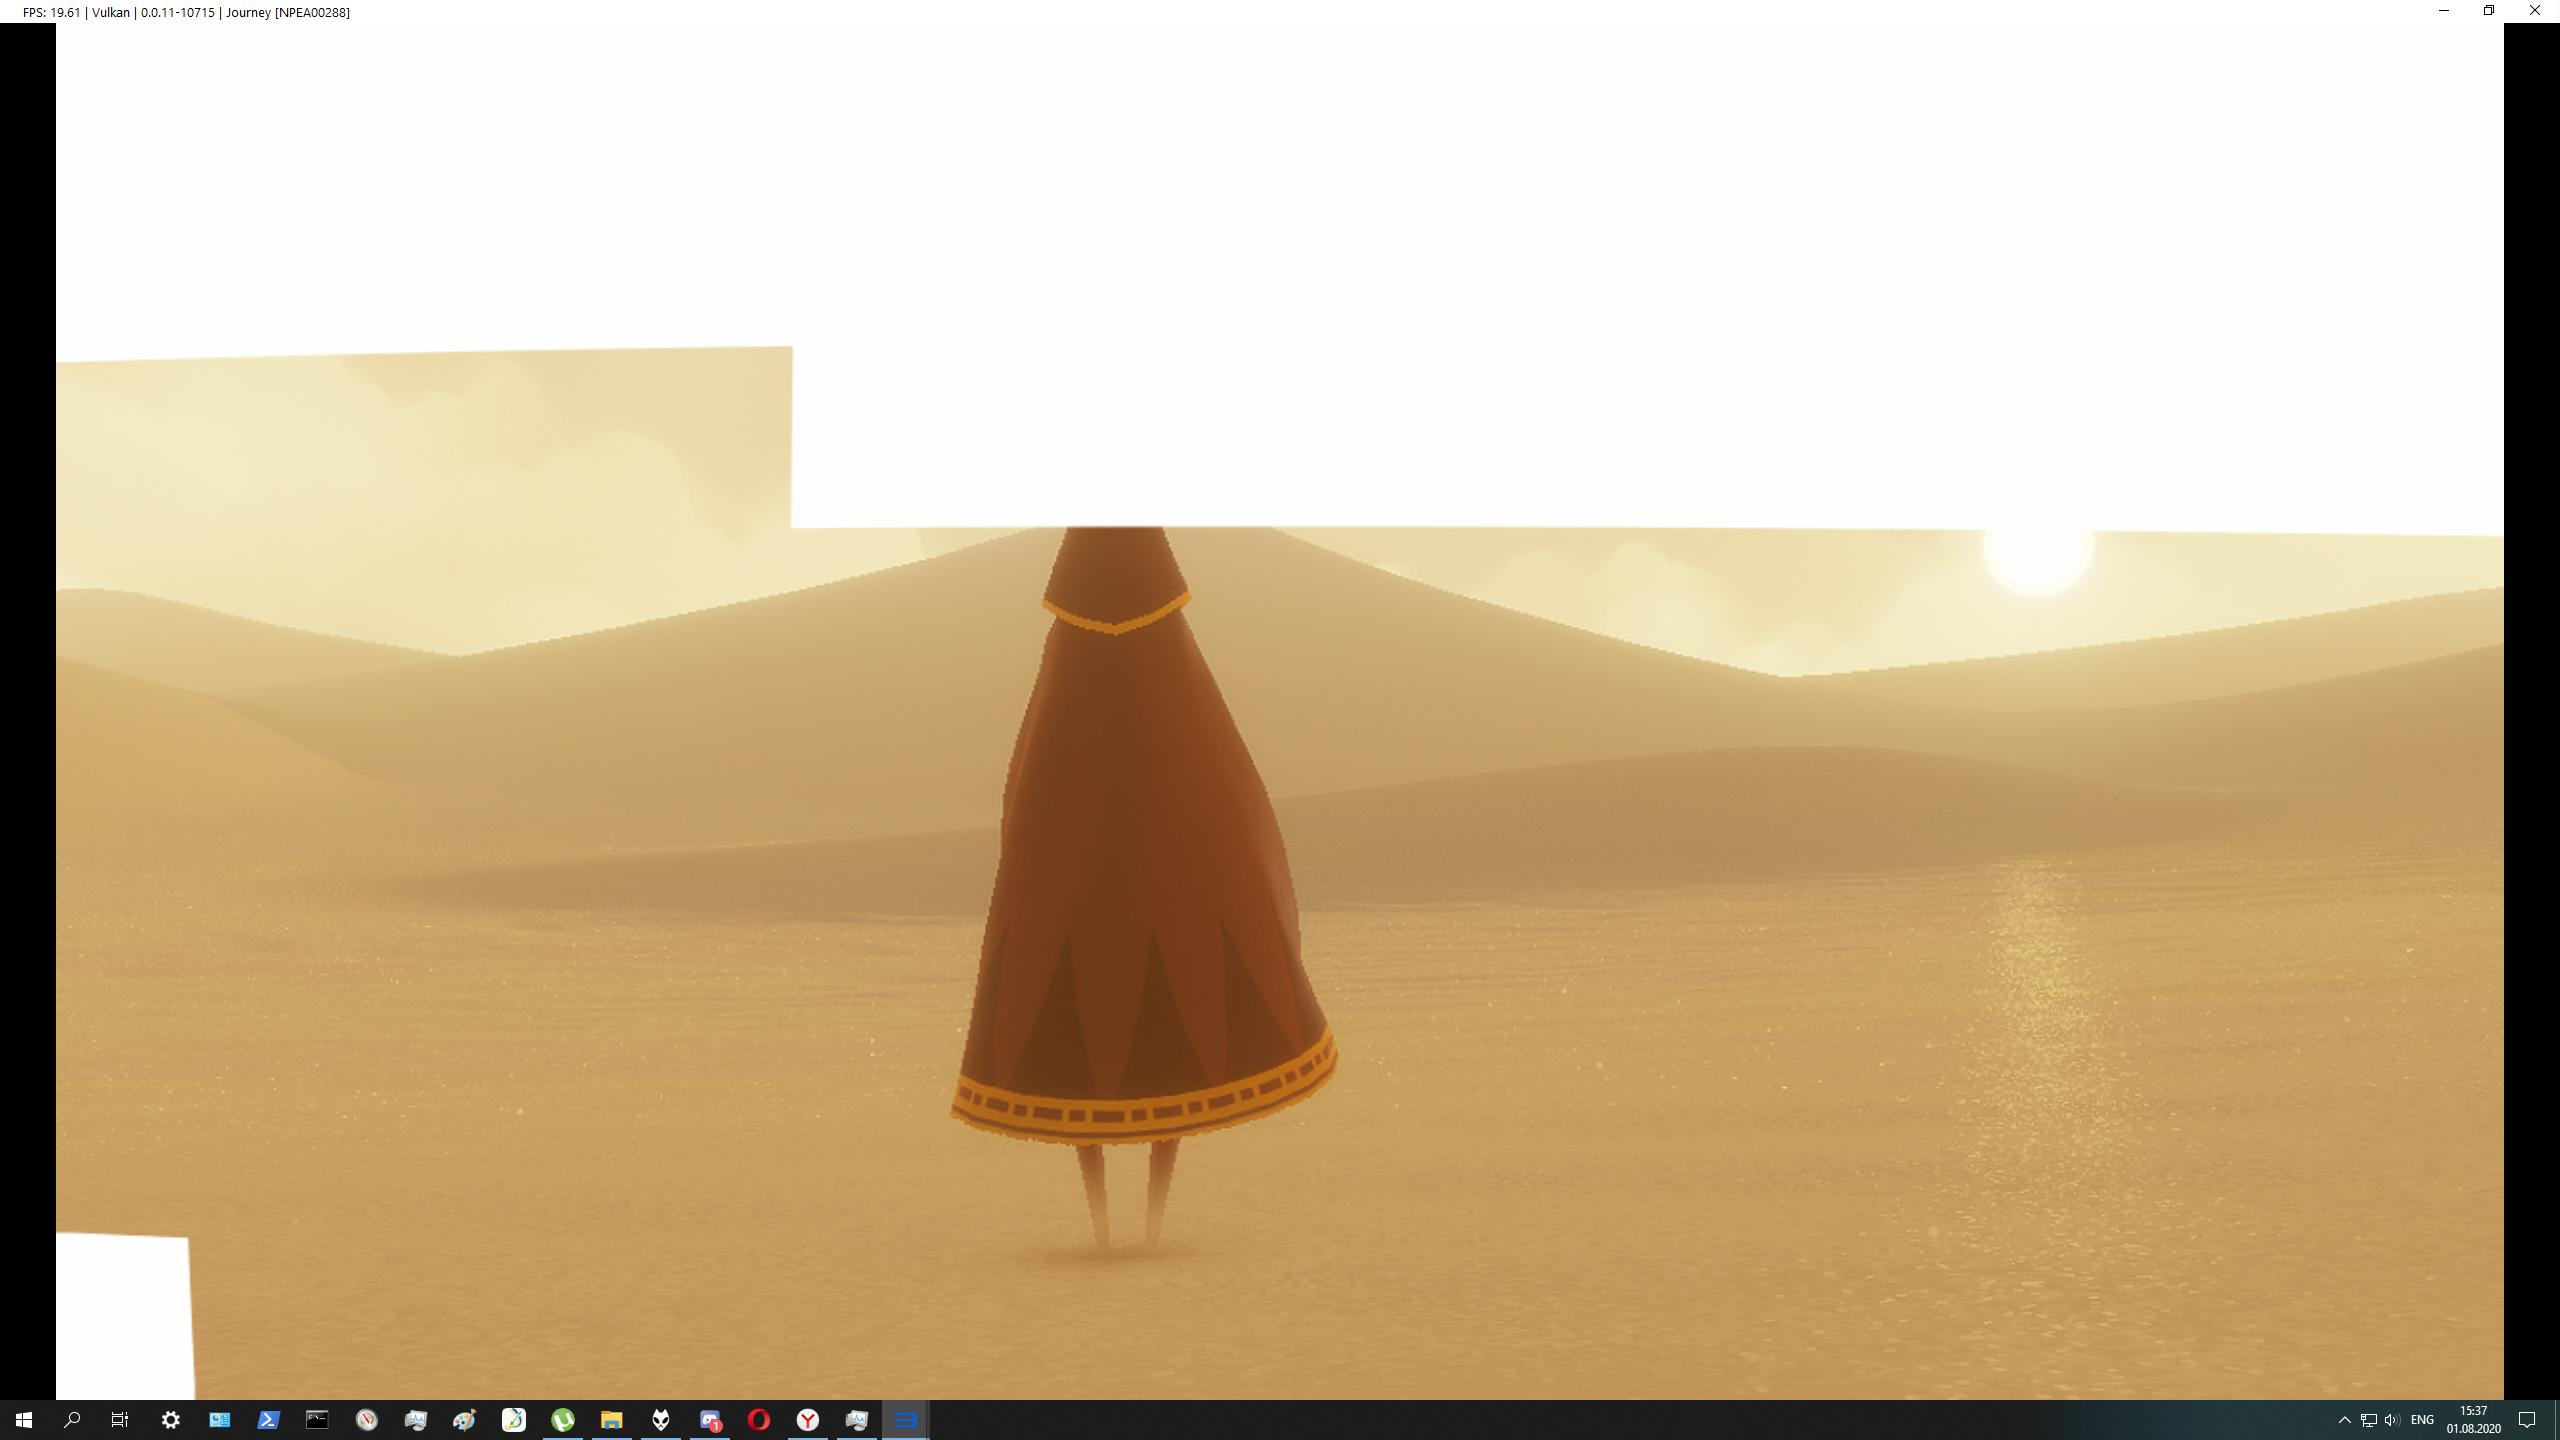 [Image: Desktop_Screenshot_2020.08.01_-_15.37.07.62.png]